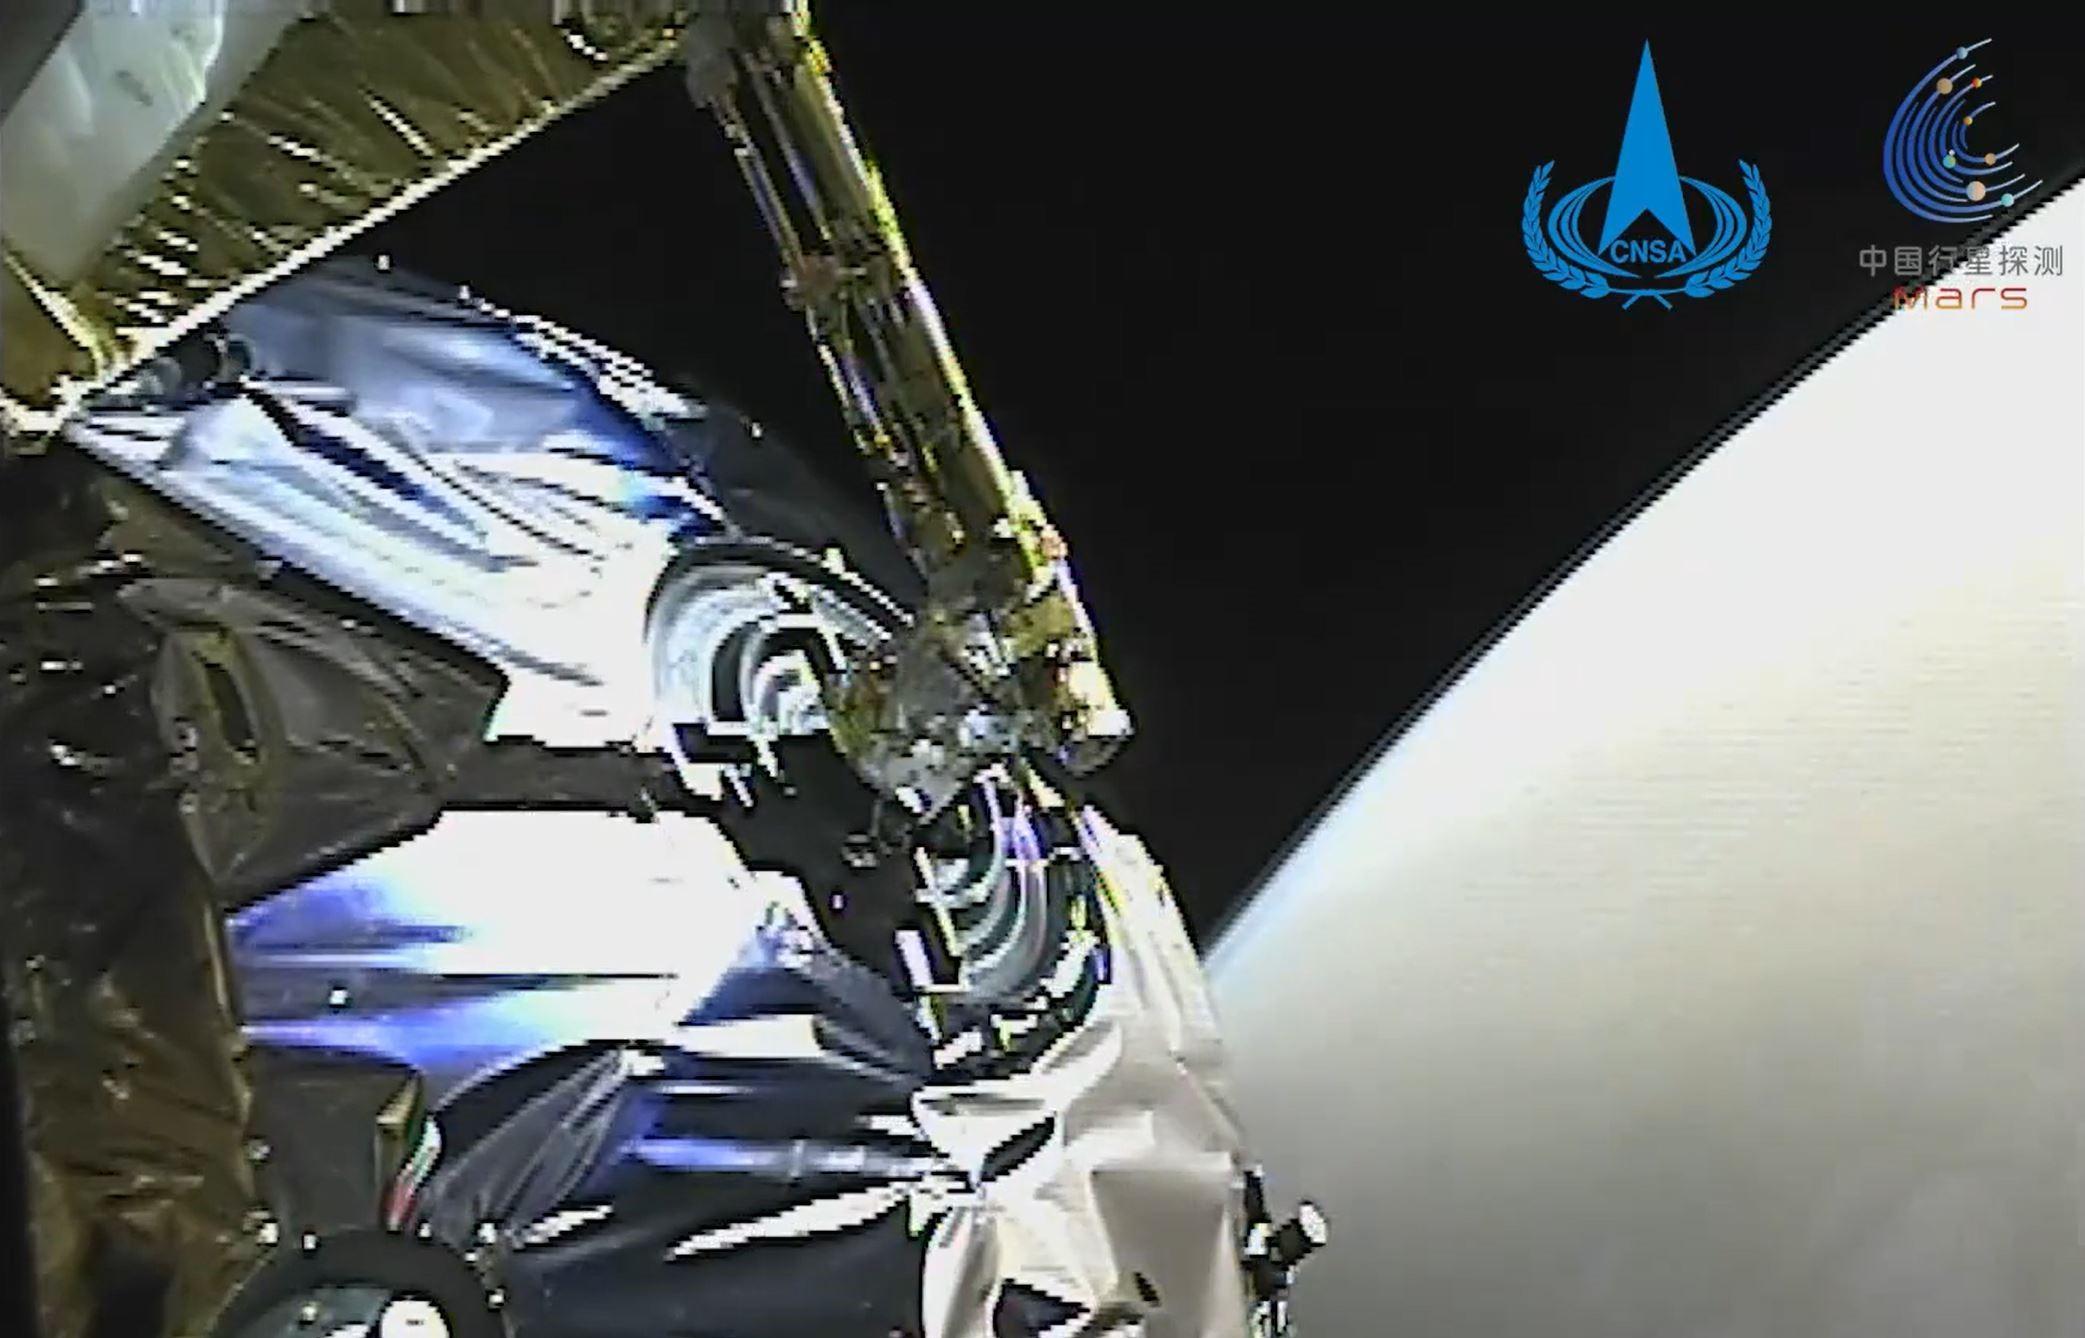 Imazhe nga Planeti i Kuq, Kina publikon regjistrimet e roverit të parë